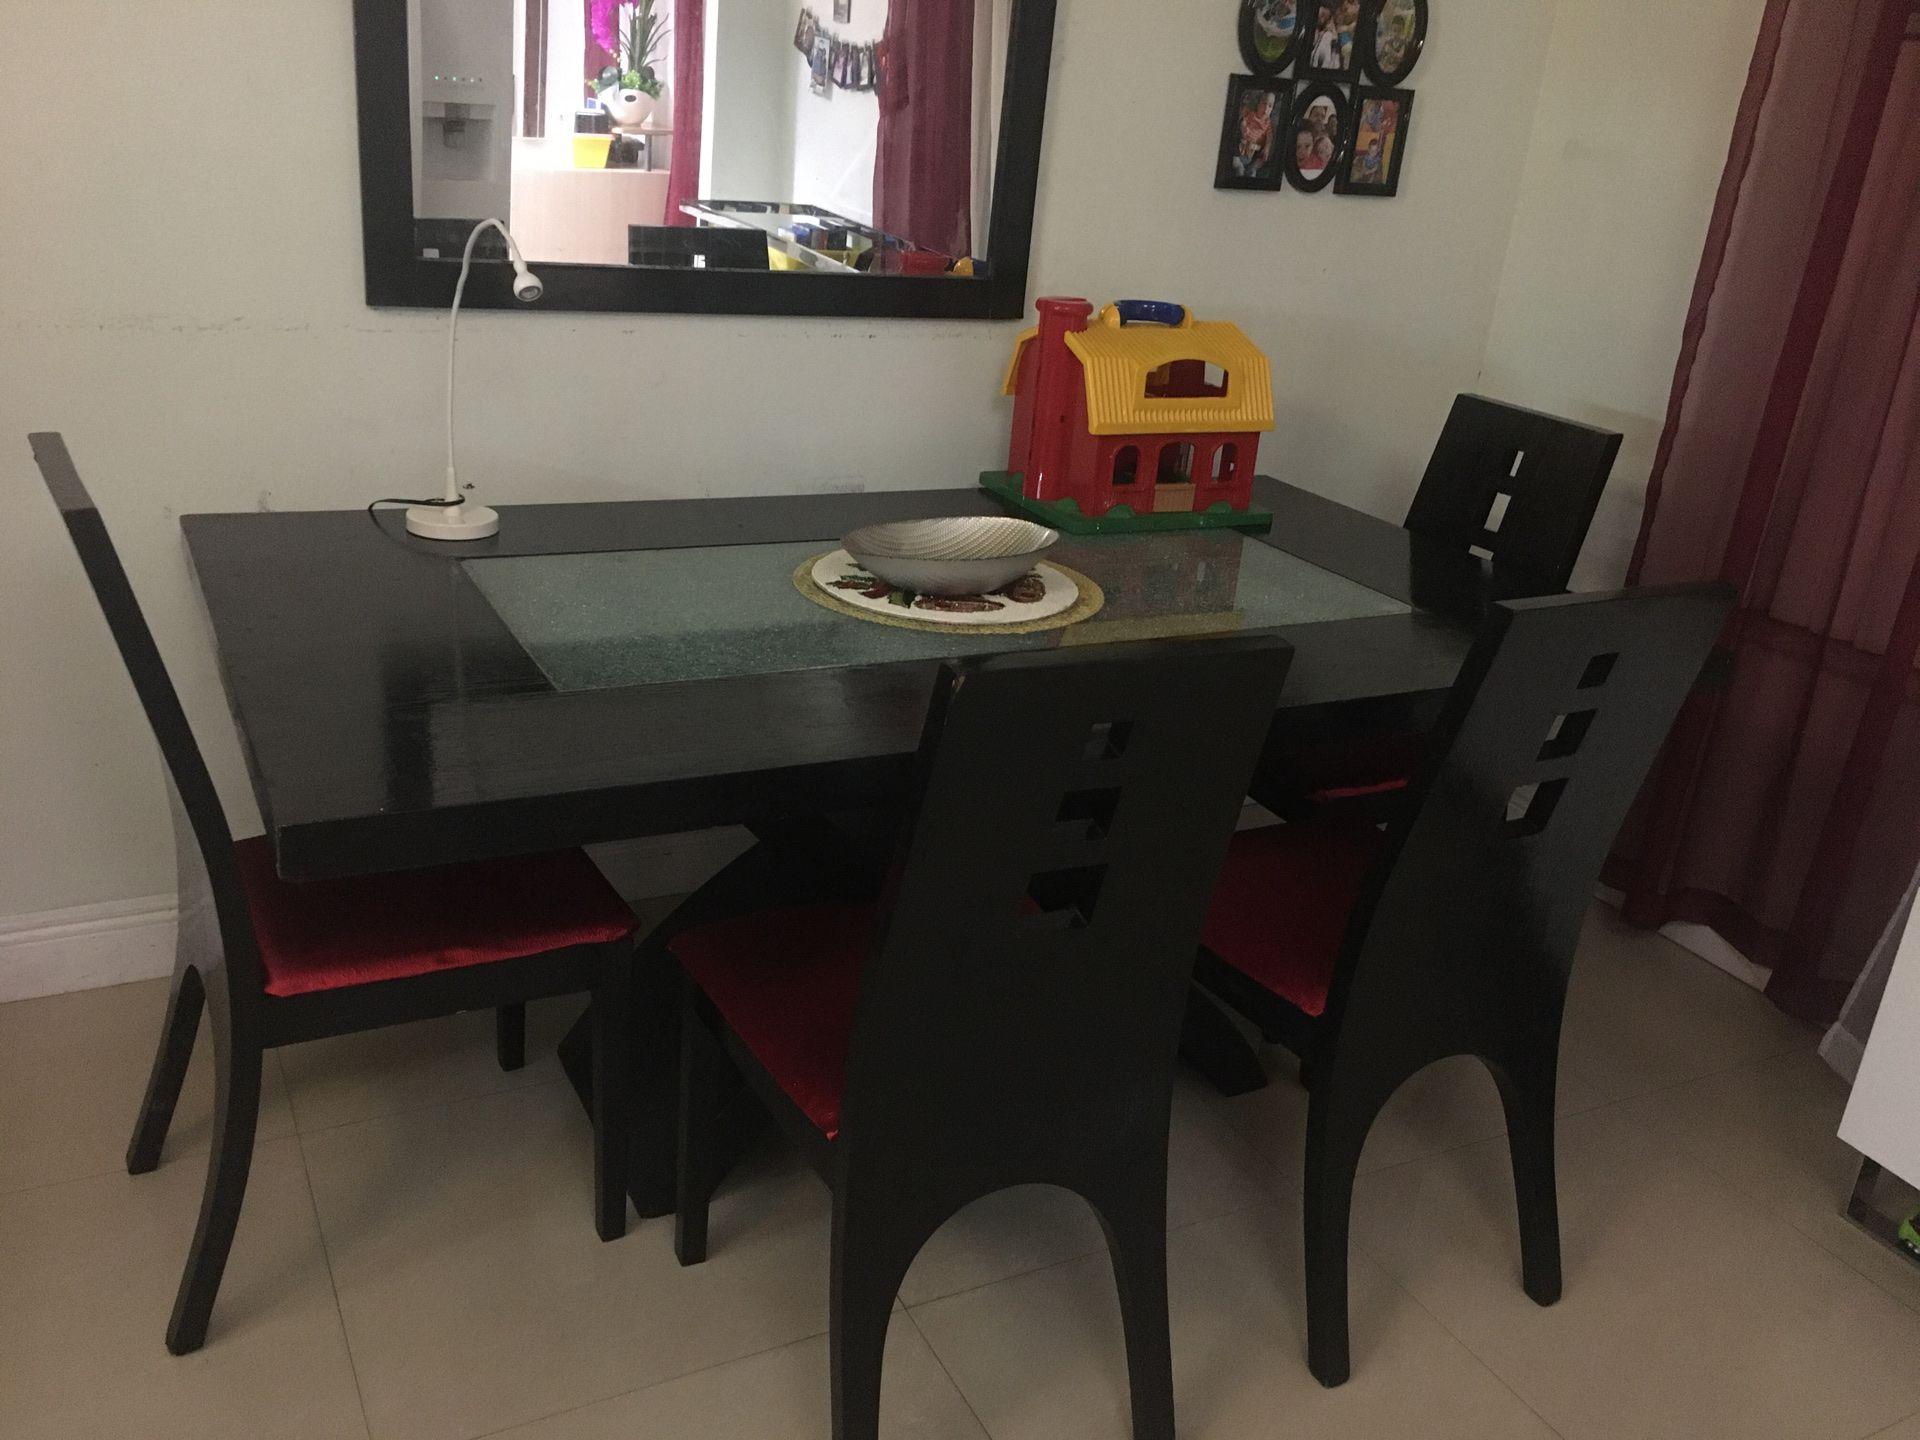 Juego de comedor 4 sillas 🪑 y el espejo